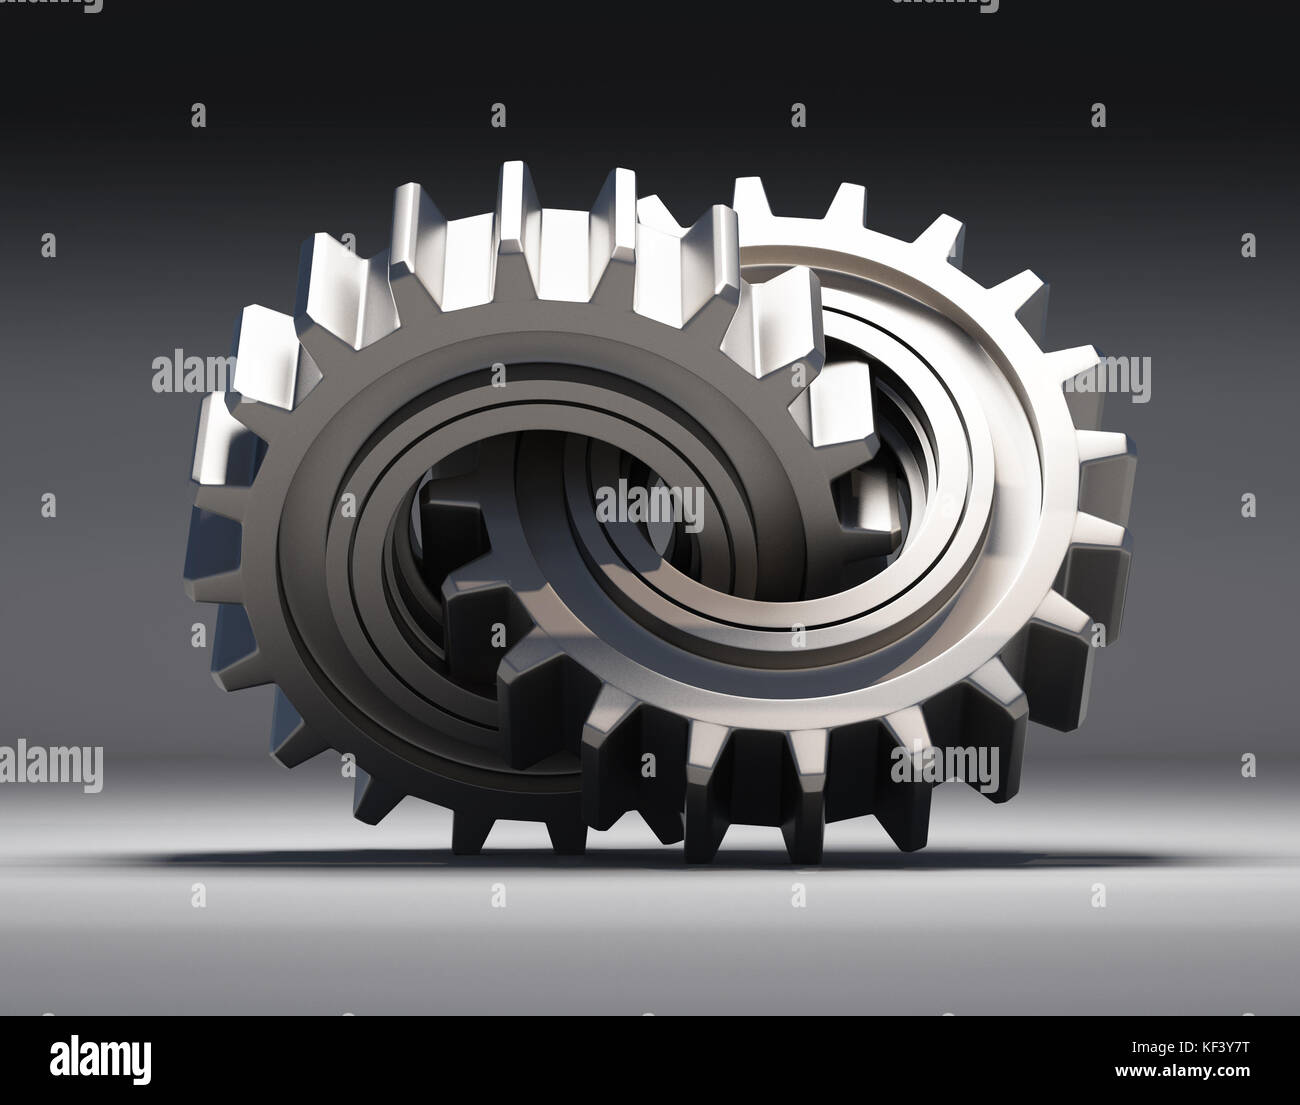 Ilustración 3d. un par de engranajes entrelazados hechas de metal. Imagen De Stock